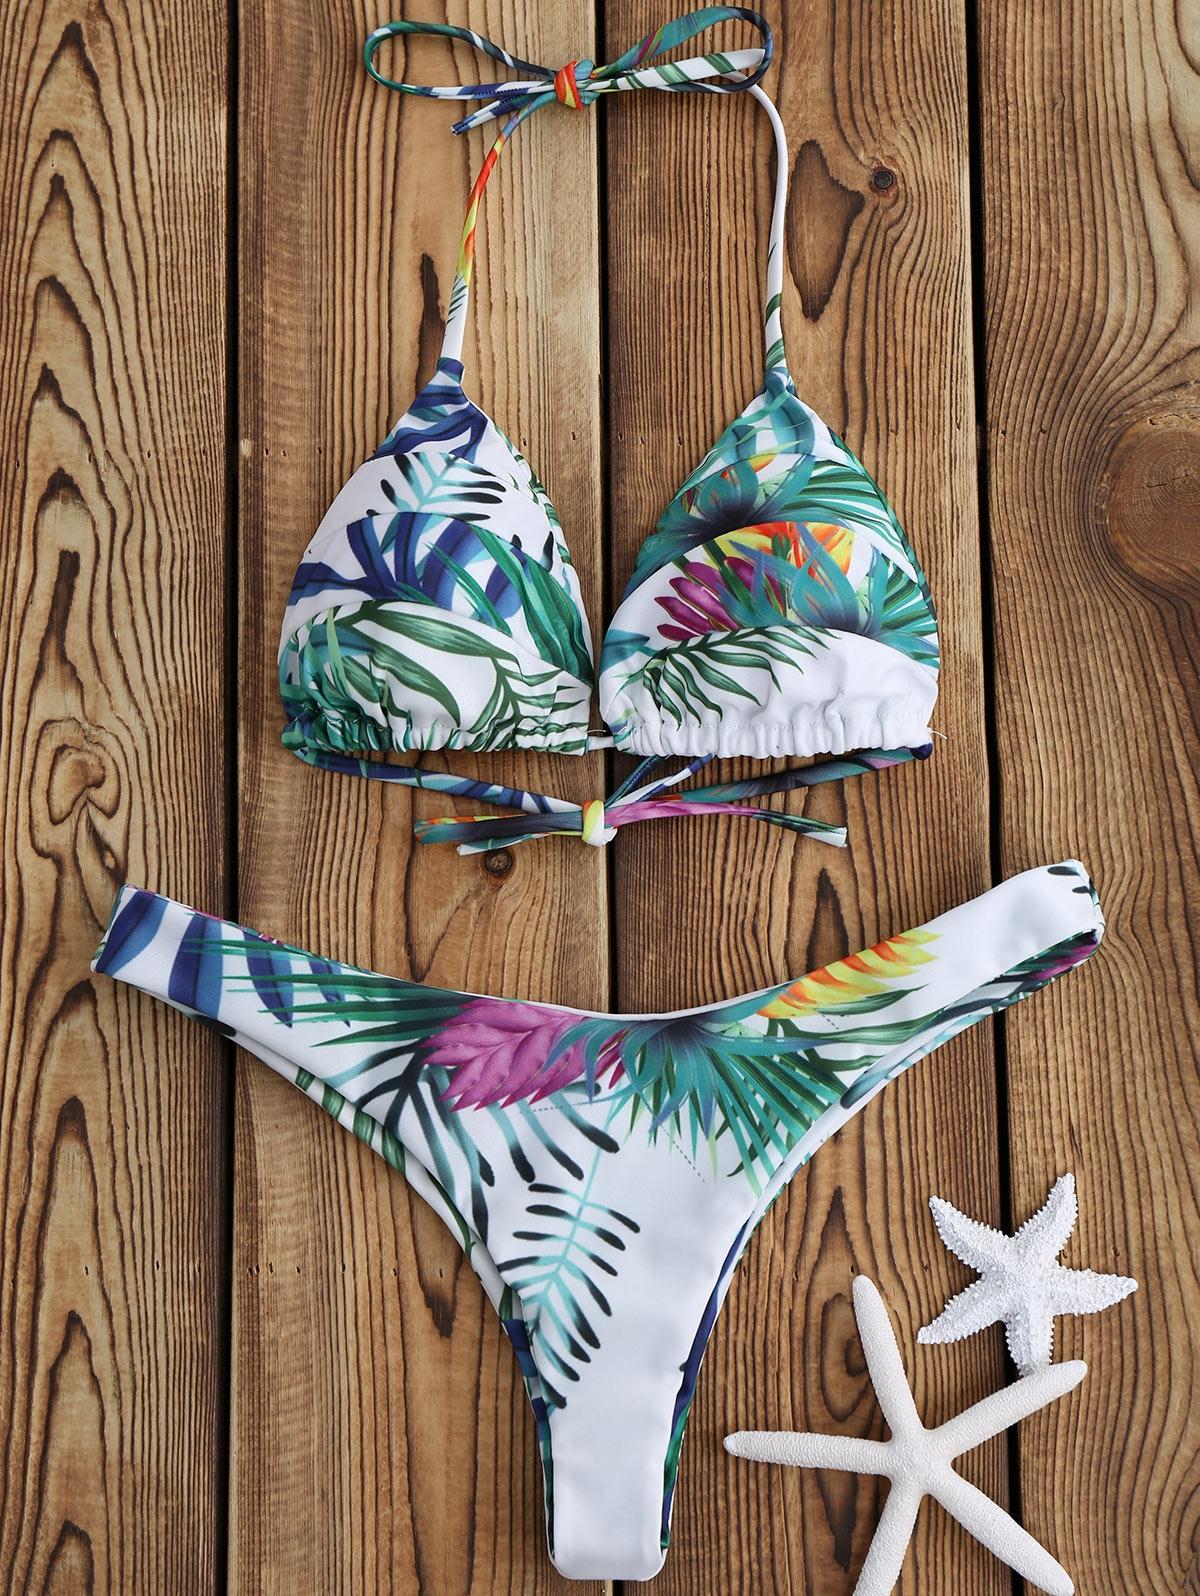 Tropical Palm Print Th